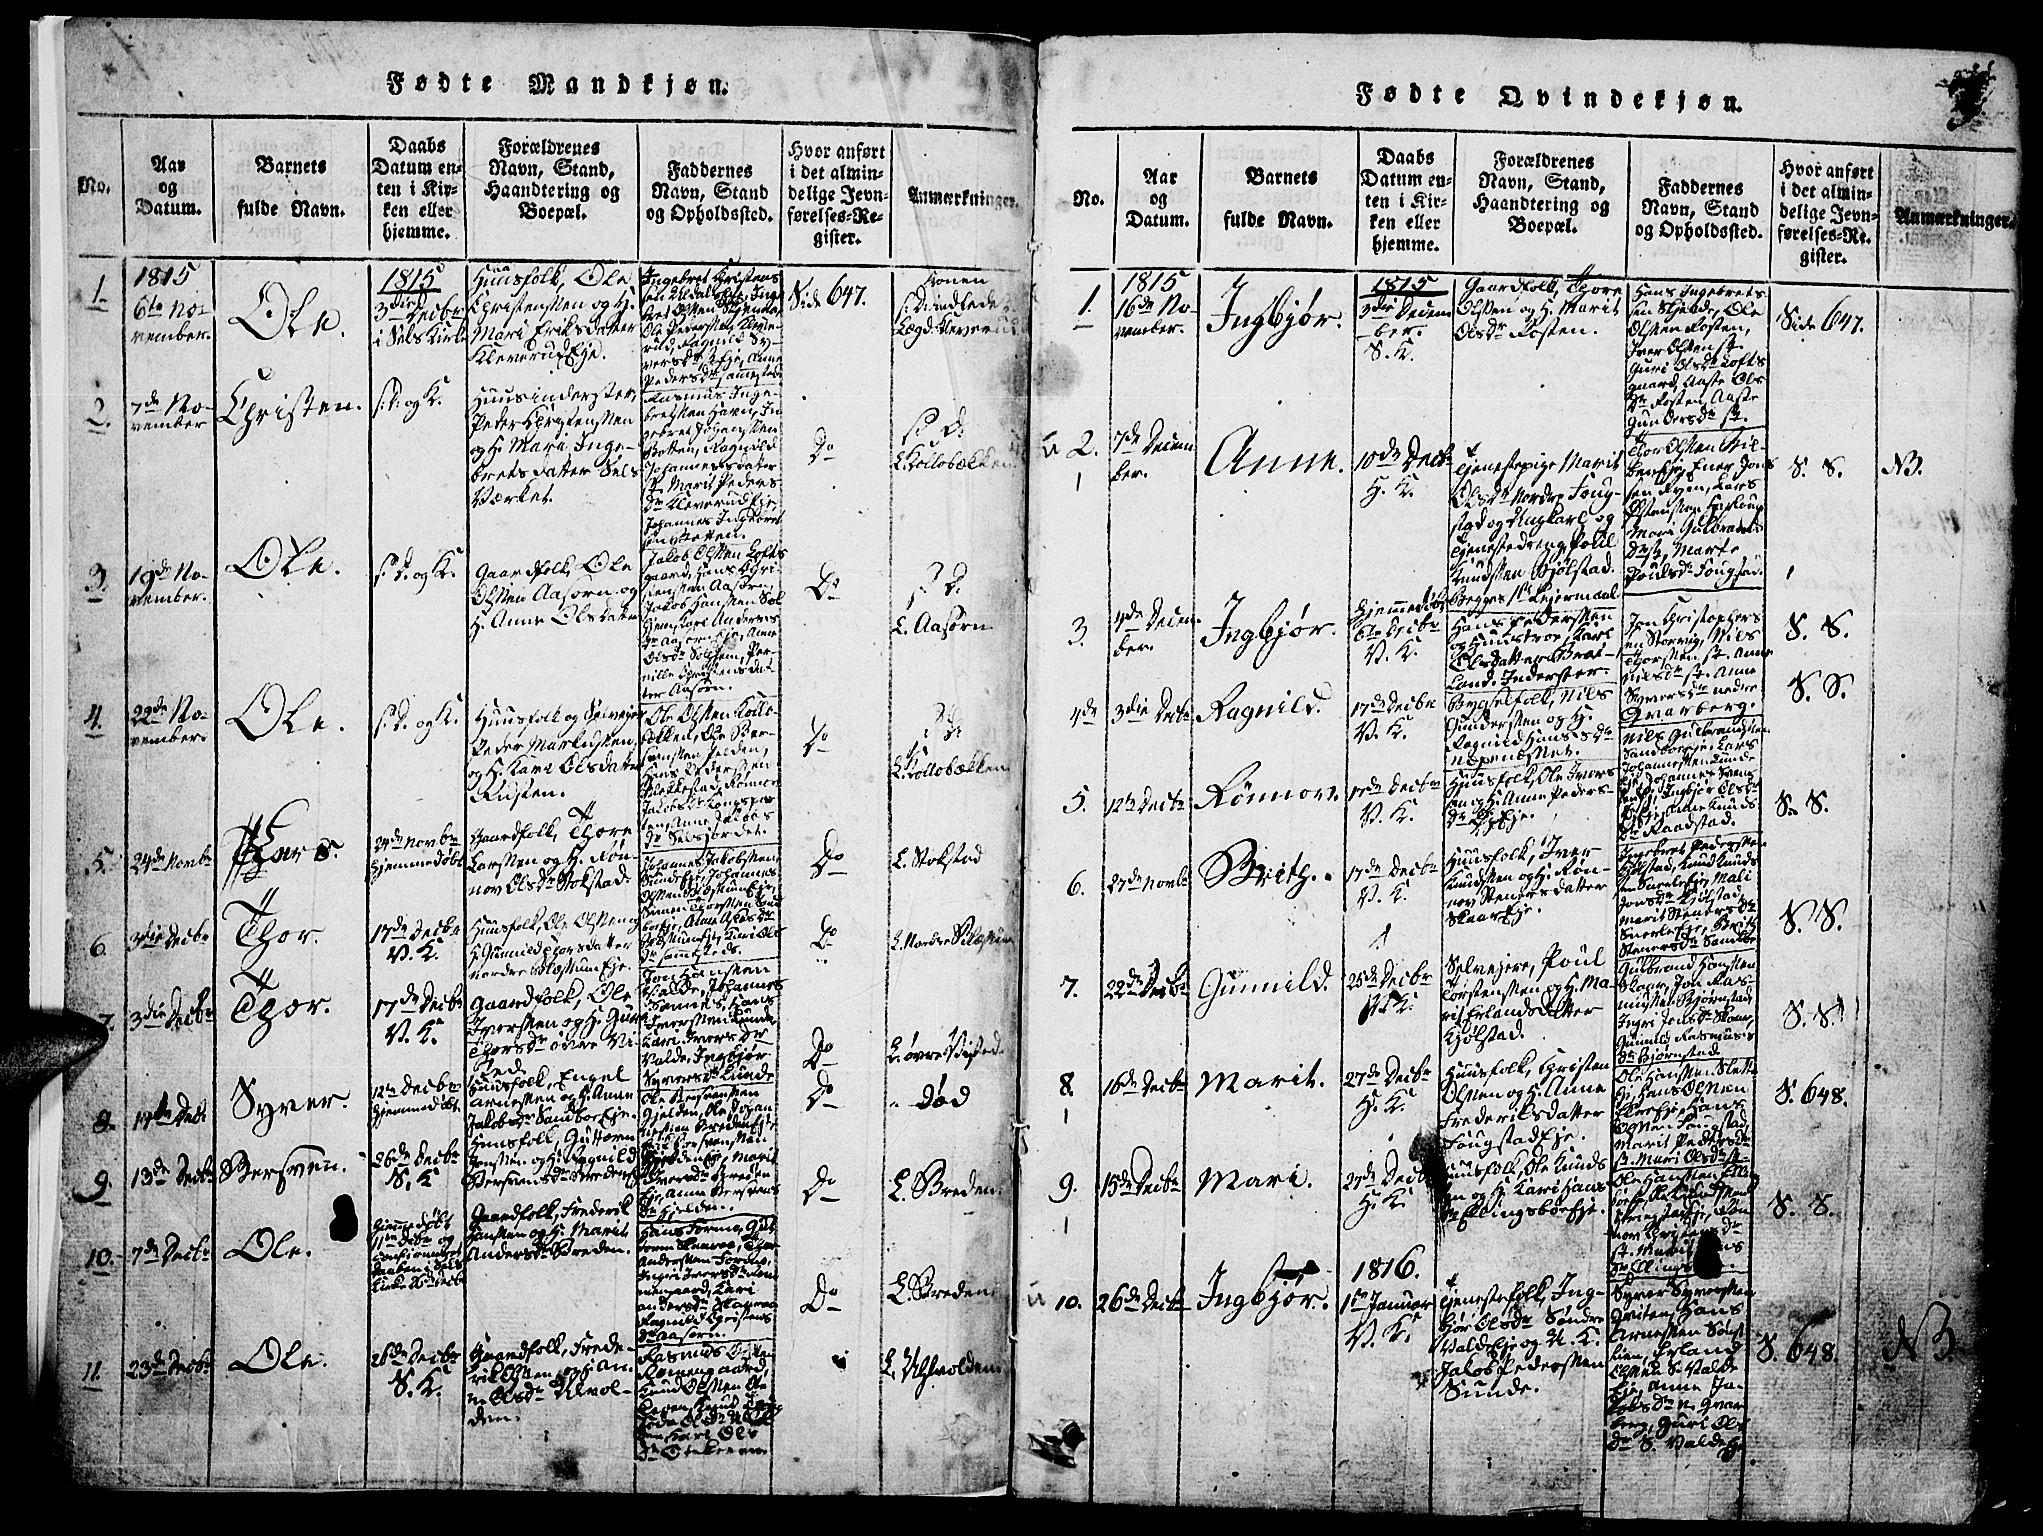 SAH, Vågå prestekontor, Klokkerbok nr. 1, 1815-1827, s. 2-3